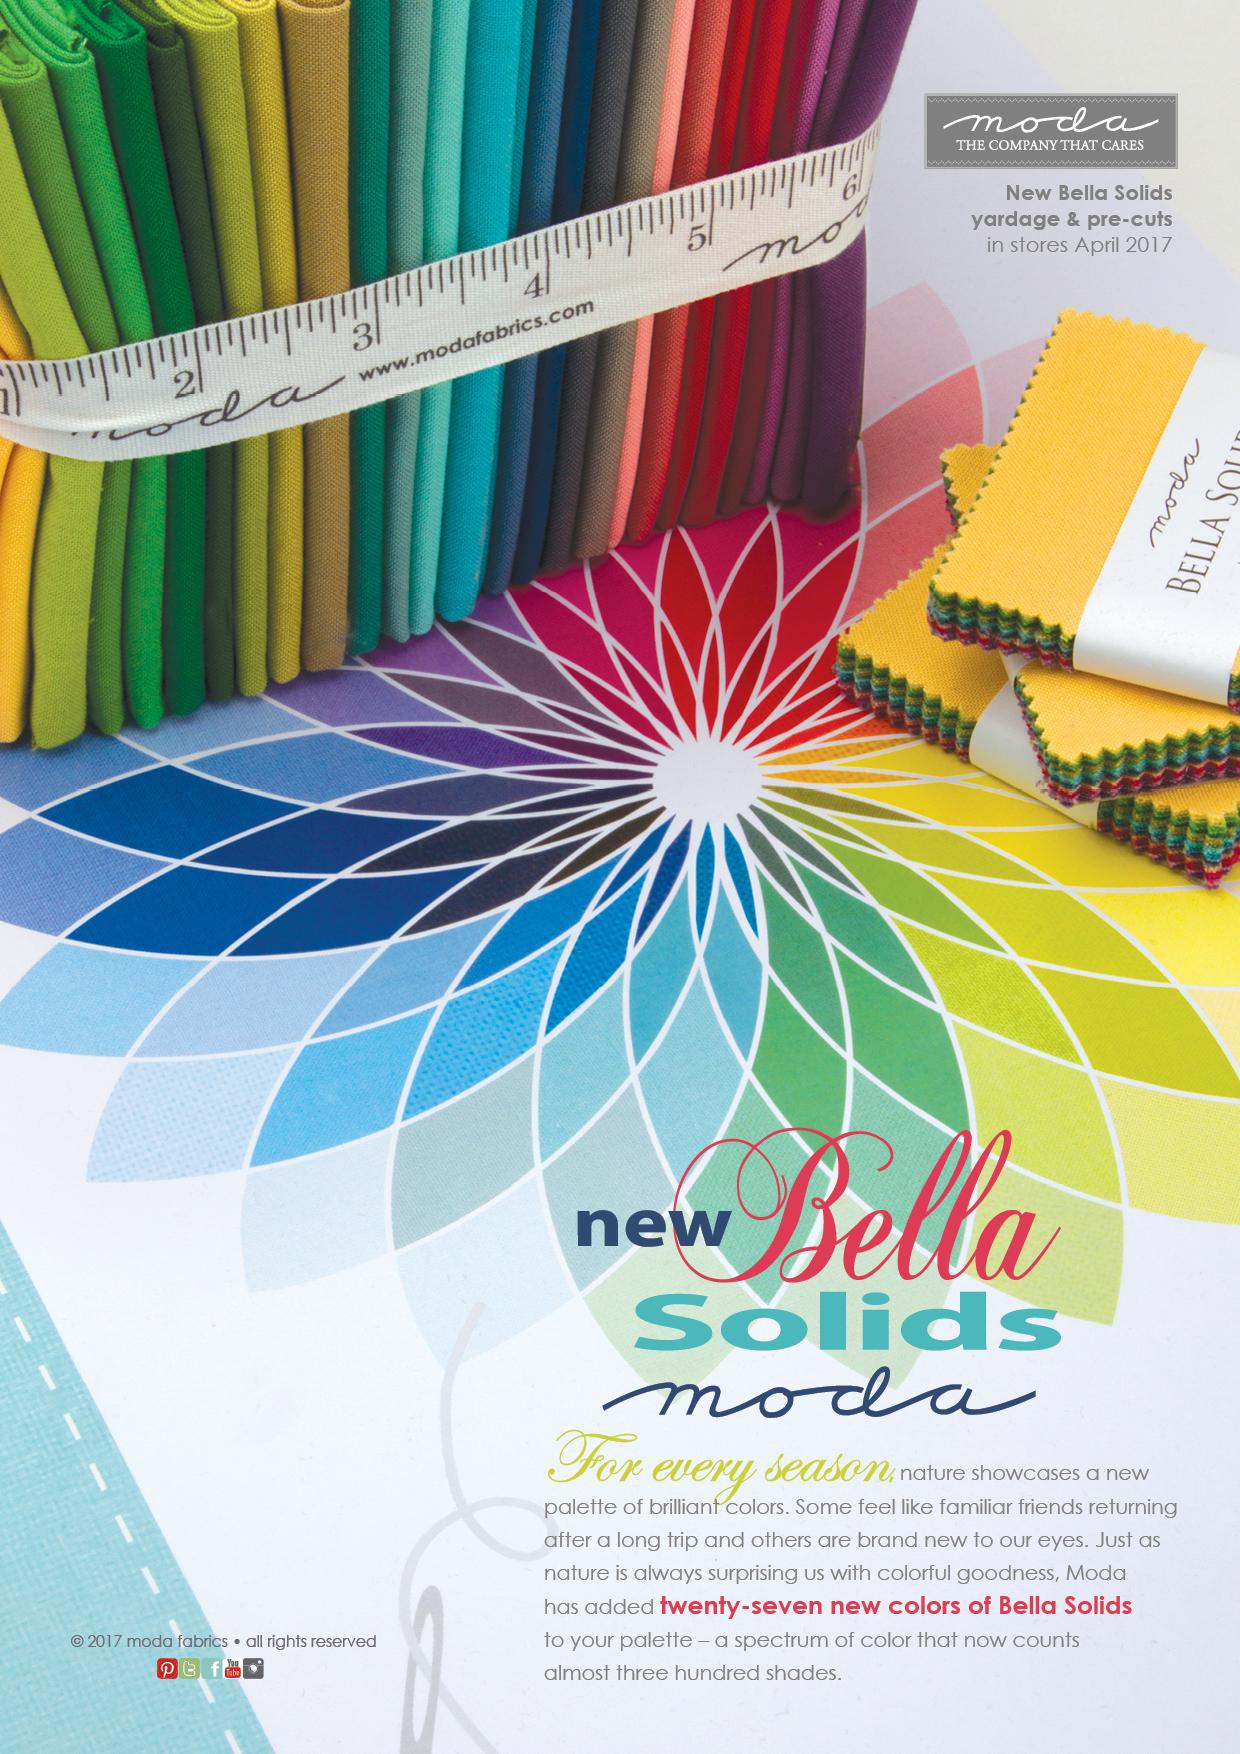 New Bella Solids 2017